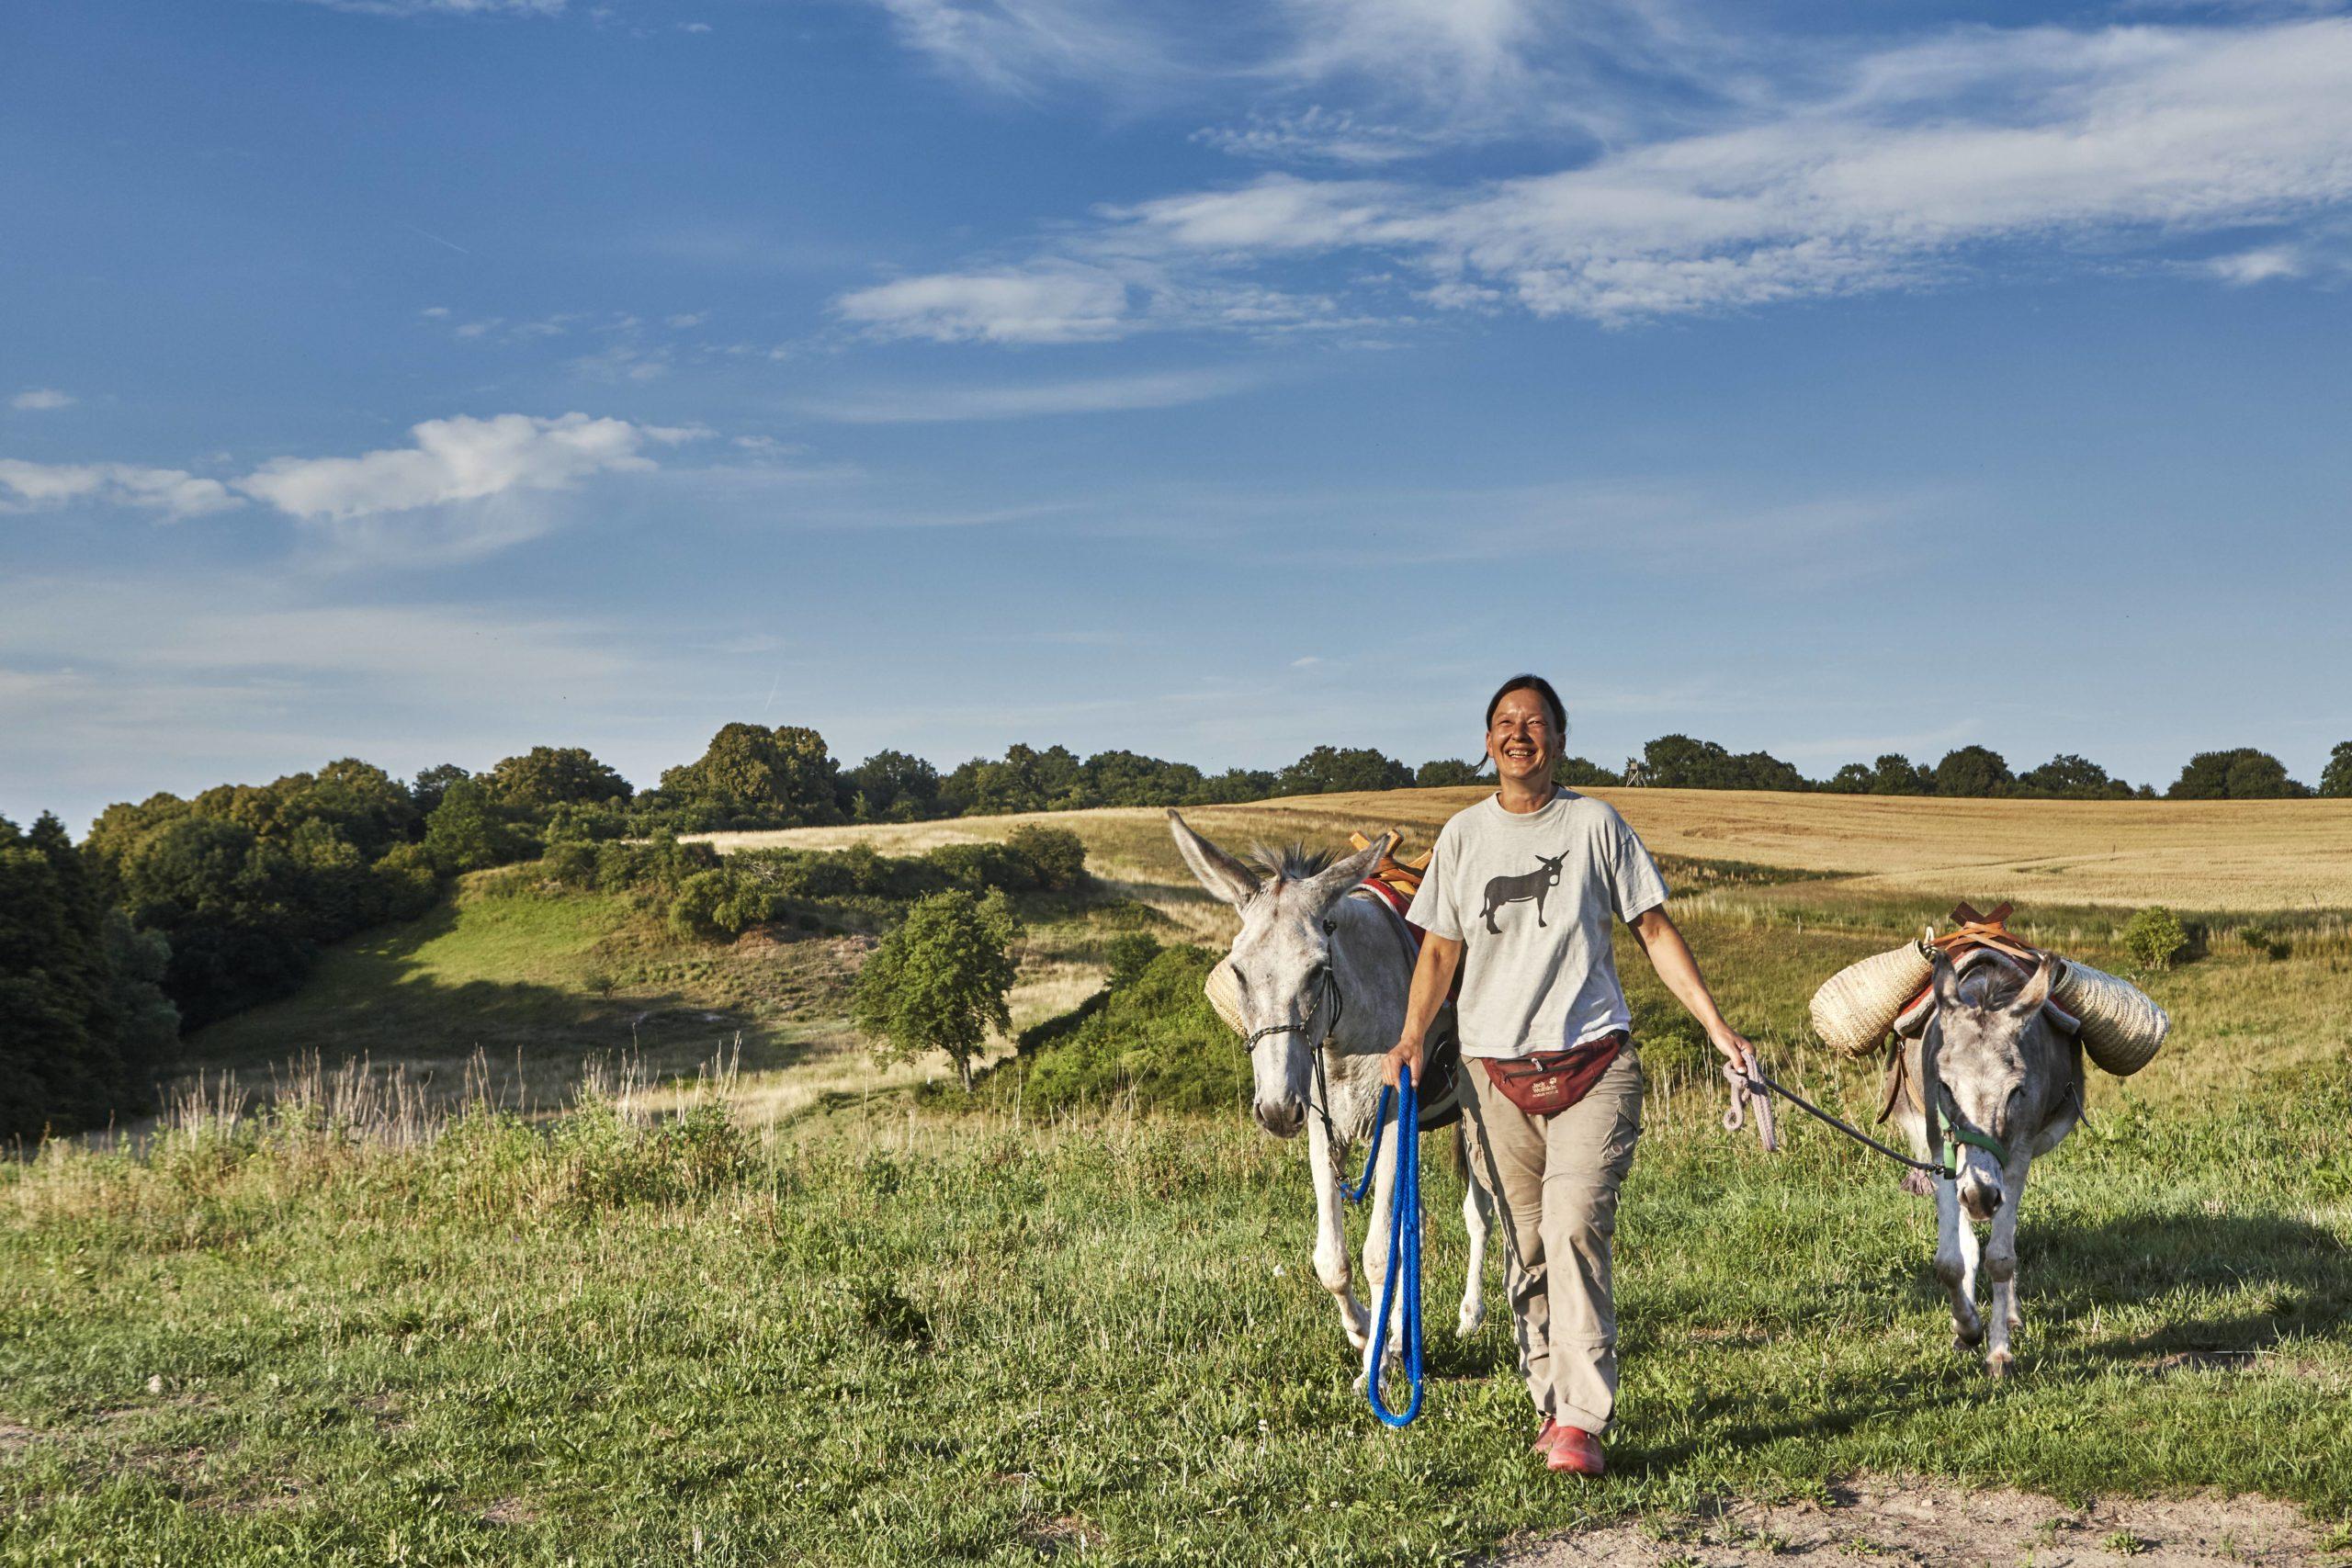 Ein ungewöhnliches Wochenende: Eselwanderung mit im Unteren Odertal. Foto: Imago/Michael Handelmann